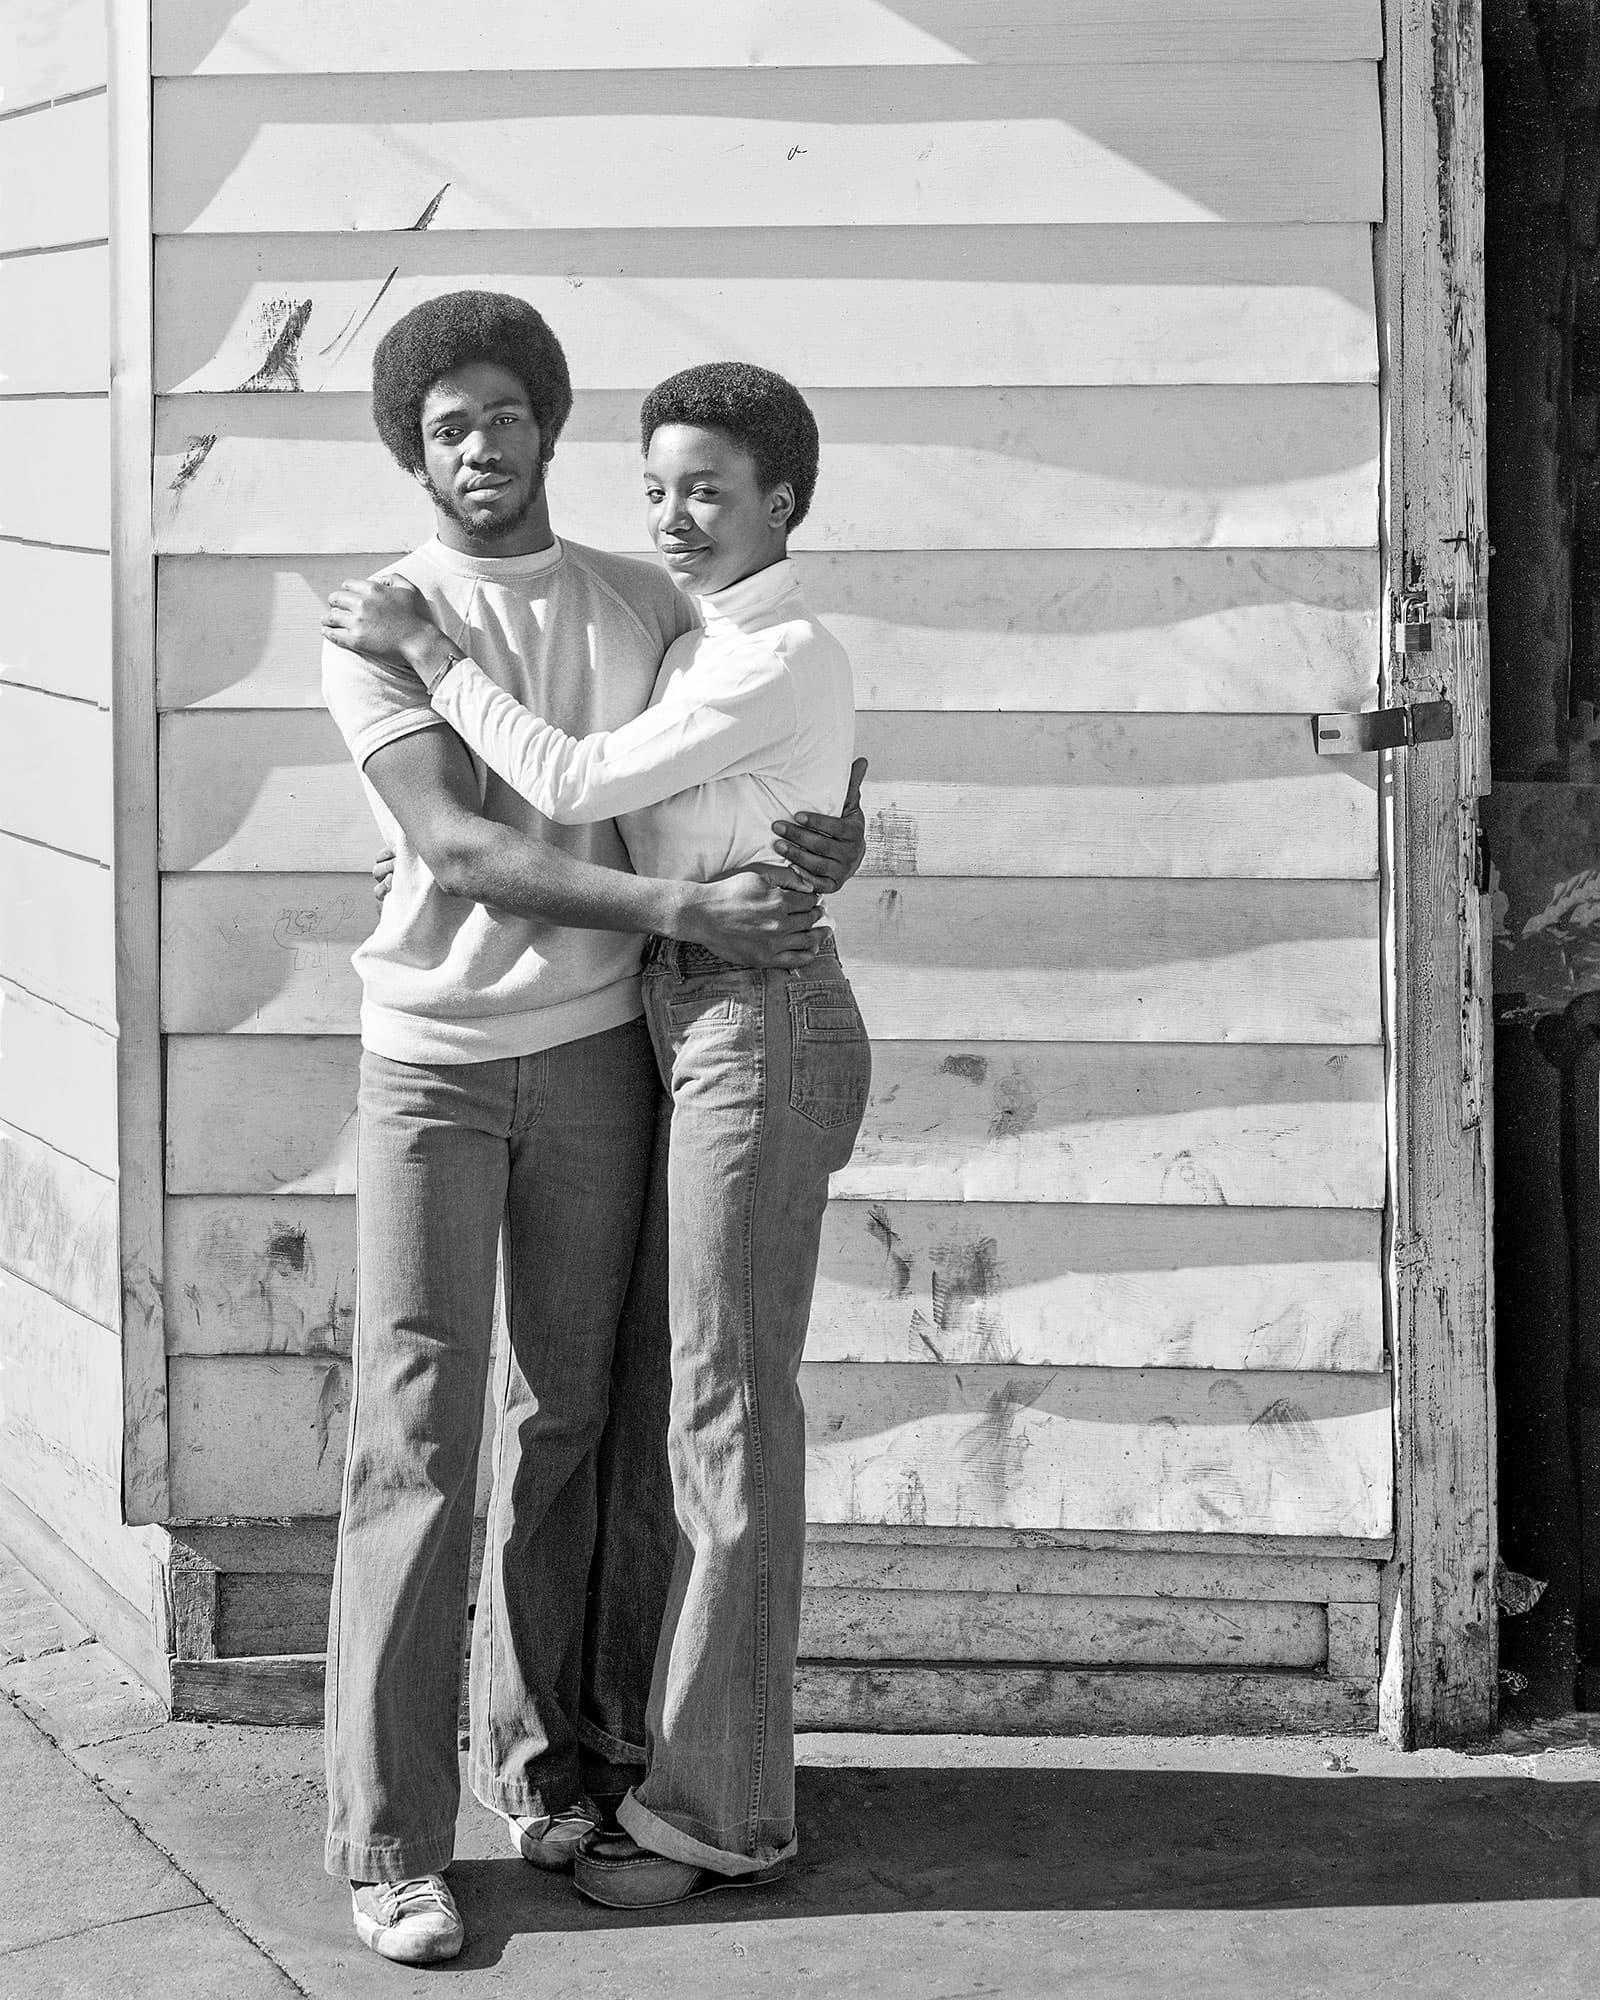 arthur-lazar-Mississippi-1977